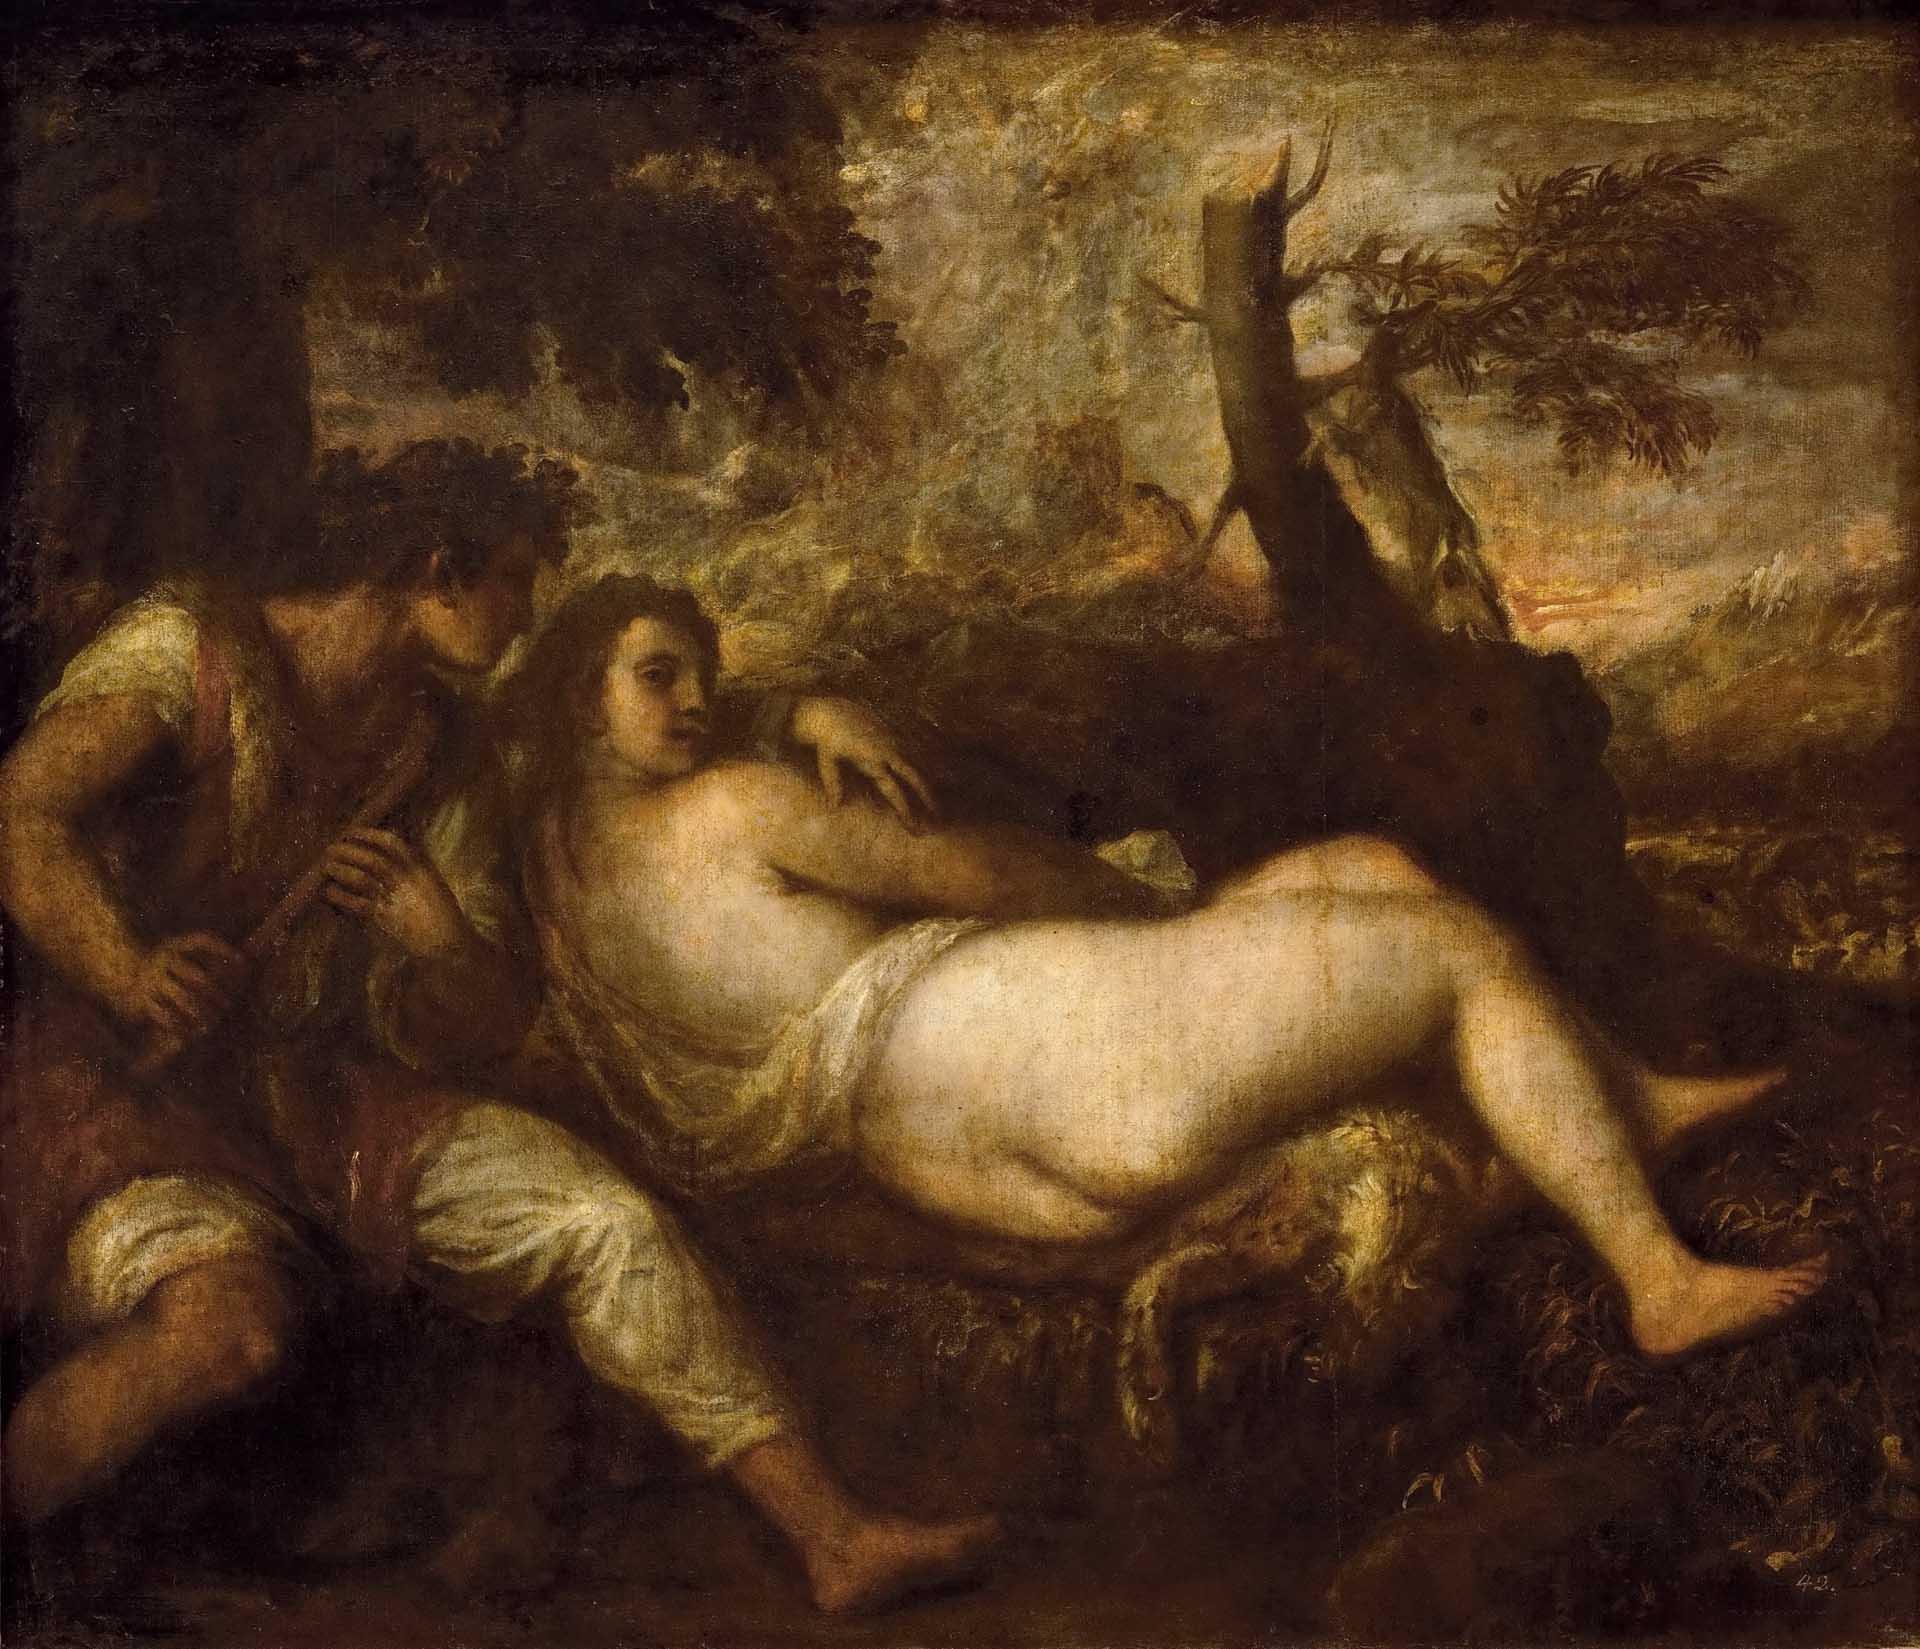 Тициан Вечеллио (Tiziano Vecellio), Нимфа и пастух